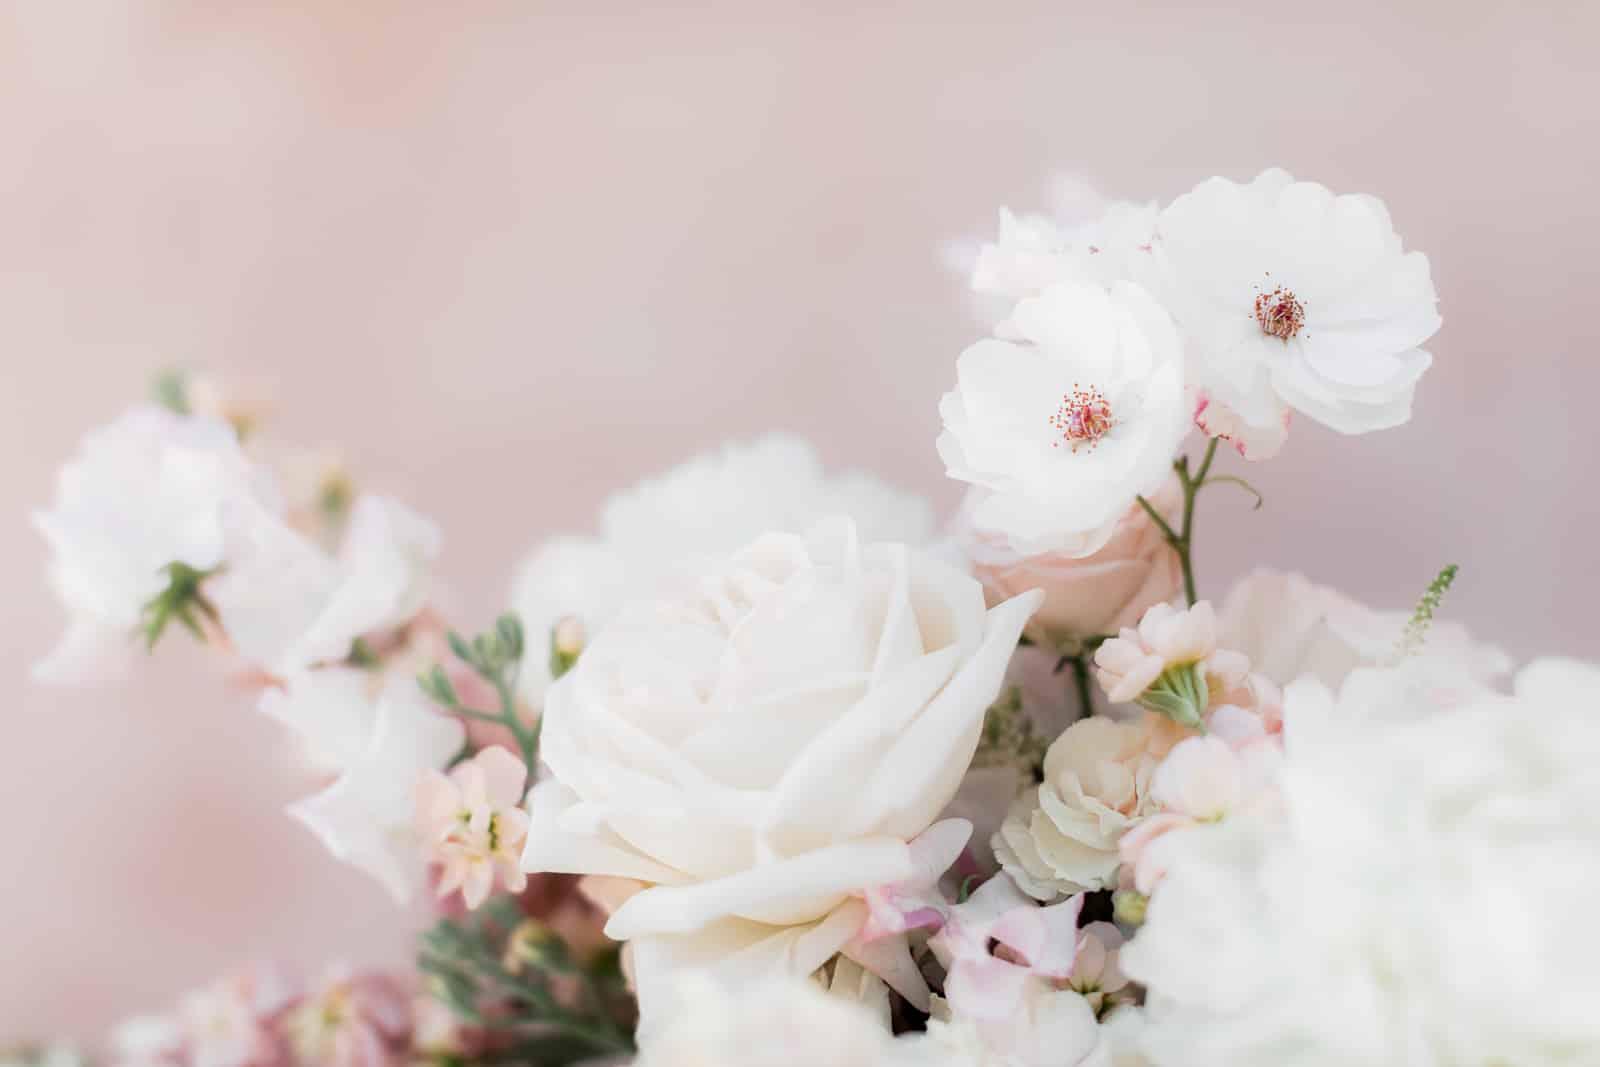 Photographie de Mathieu Dété présentant un détail du bouquet de la mariée